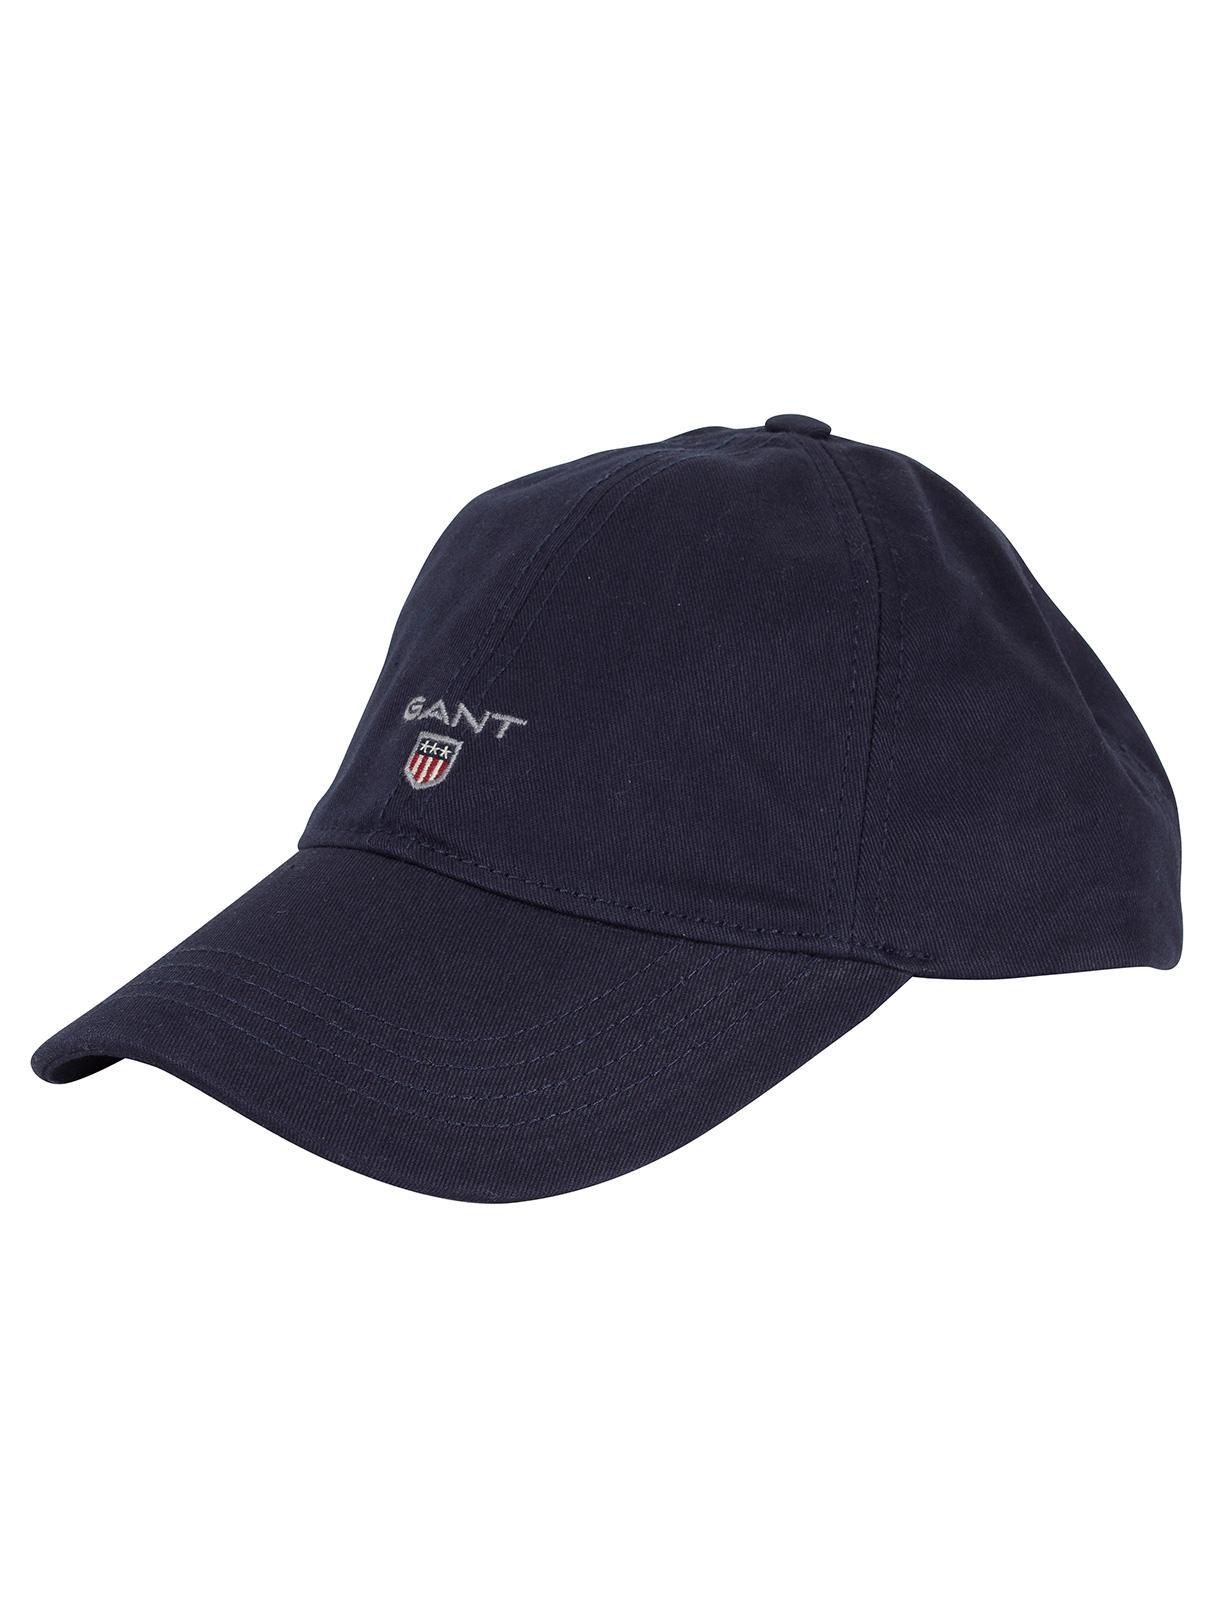 Lyst - GANT Marine Twill Logo Cap in Blue for Men 71d20258a70f